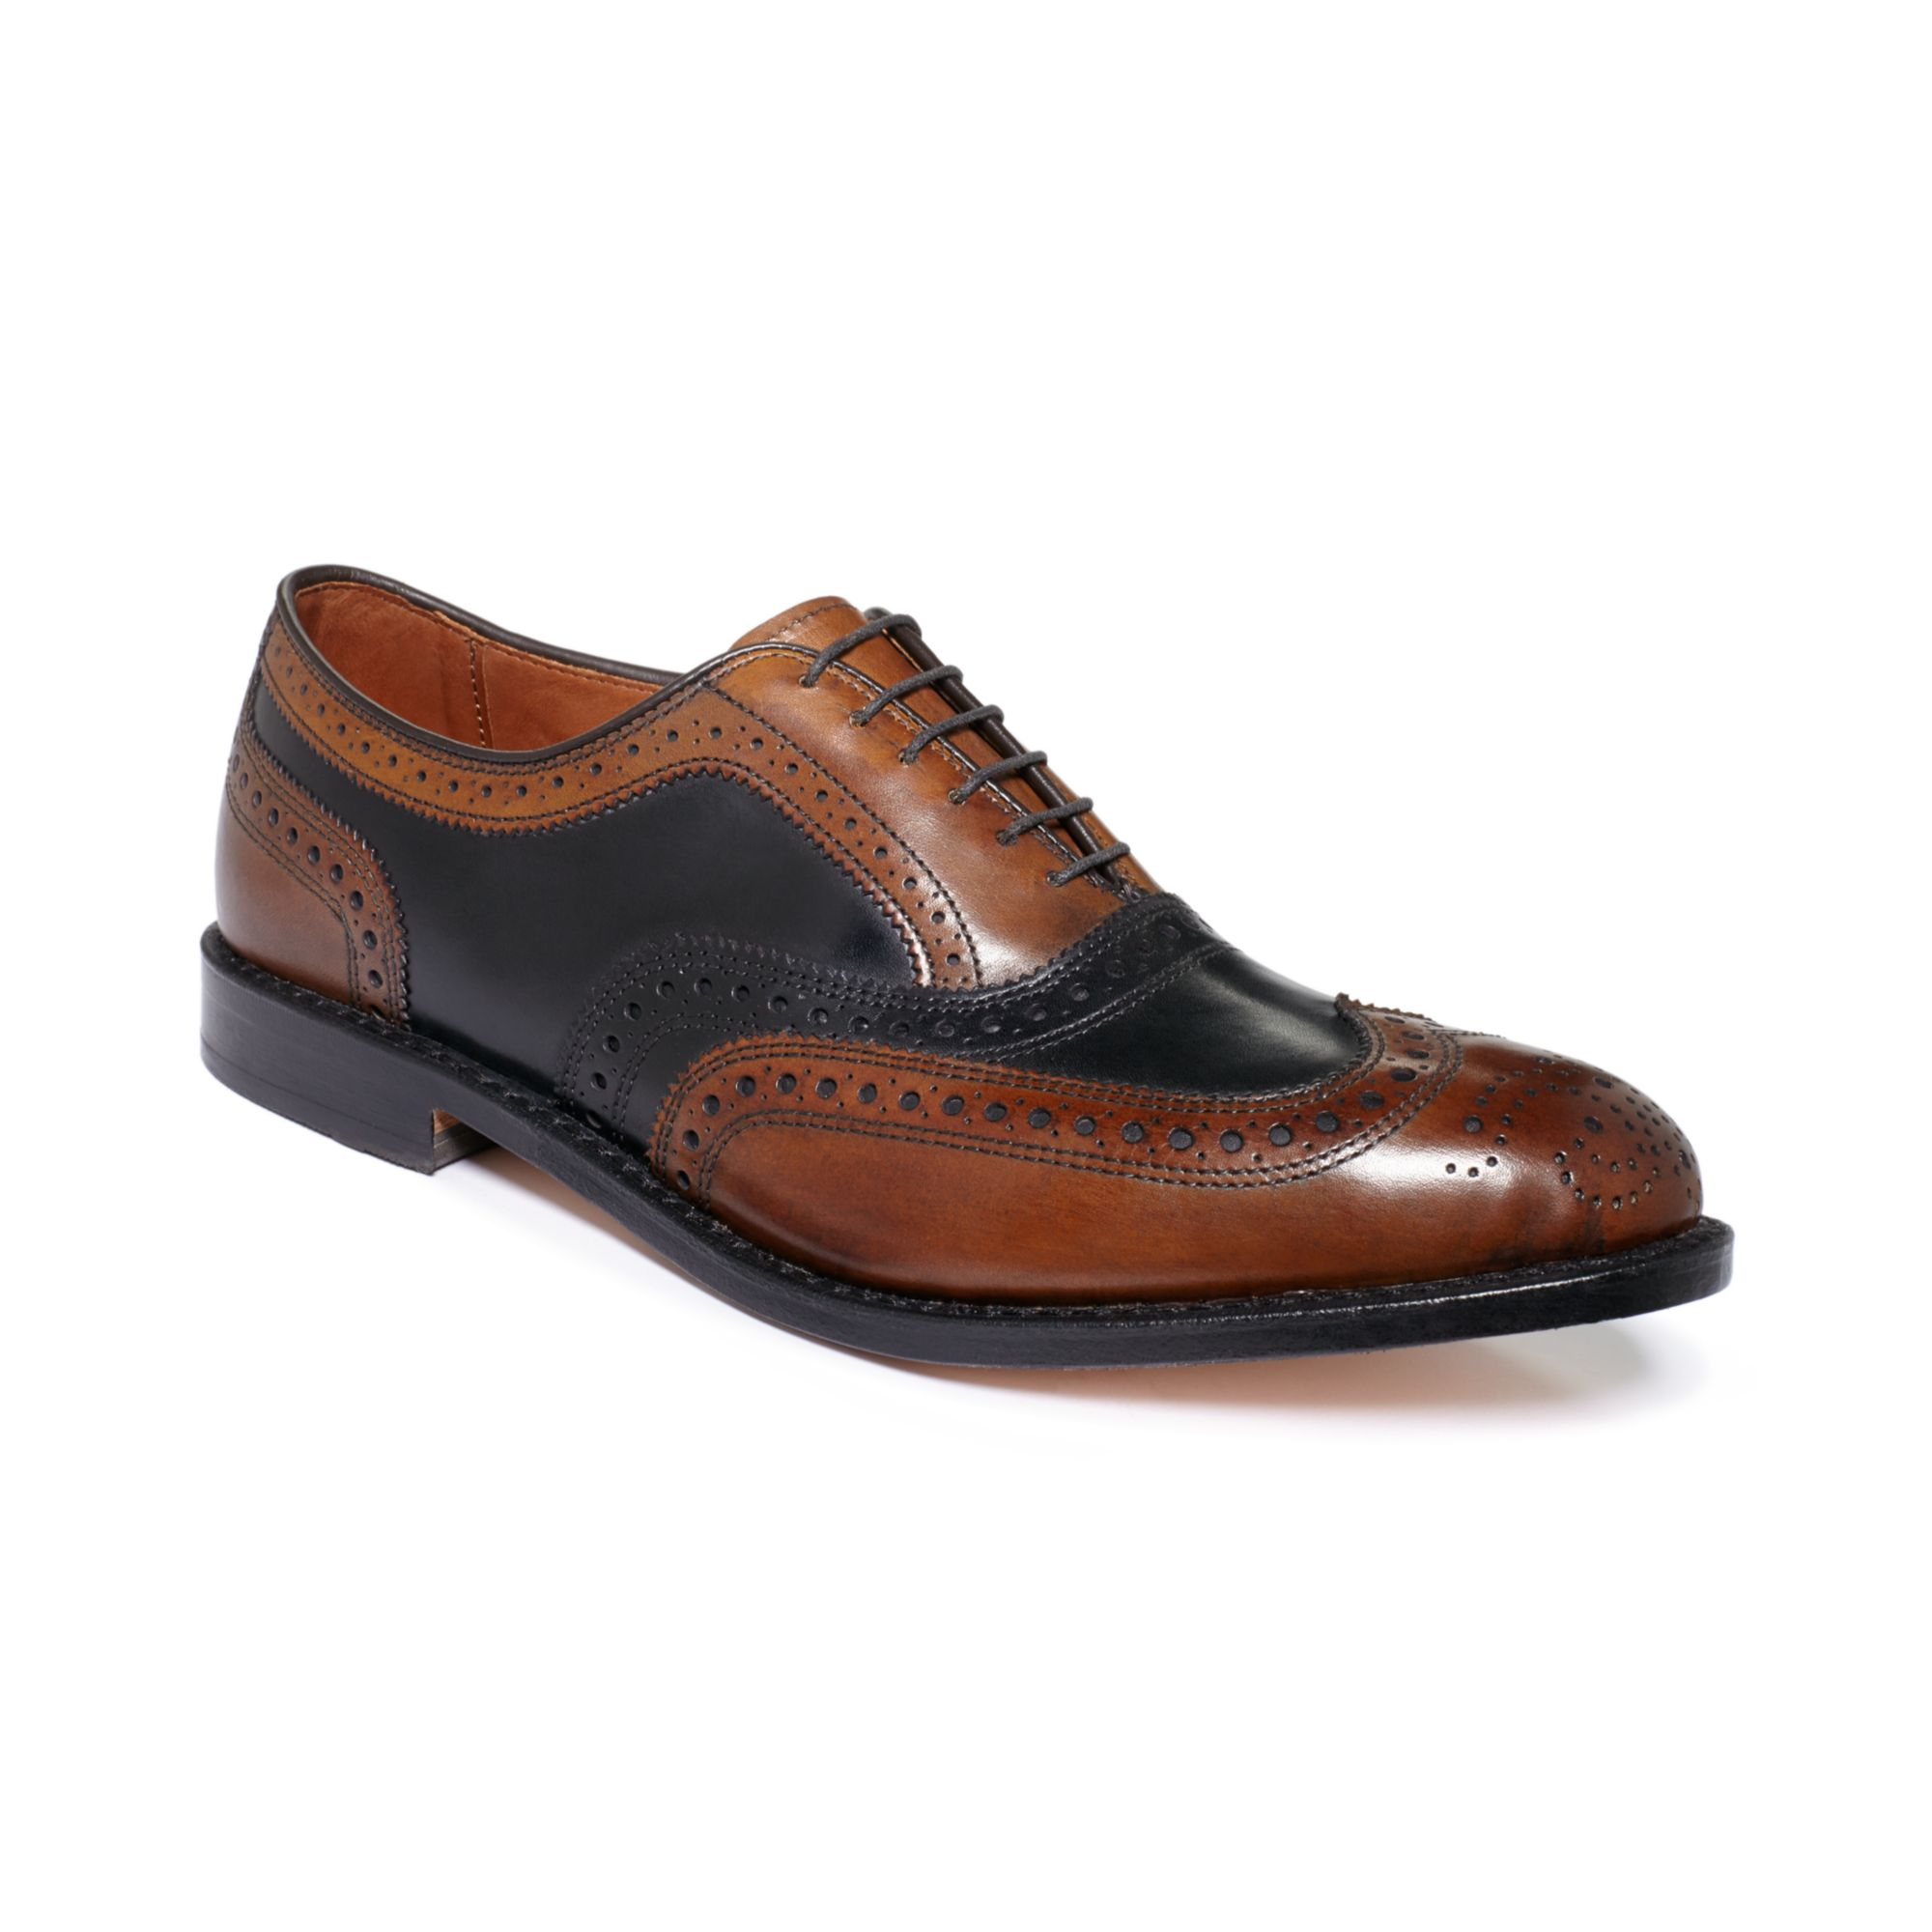 Allen Edmonds Broadstreet Twotone Wingtip Oxfords In Brown